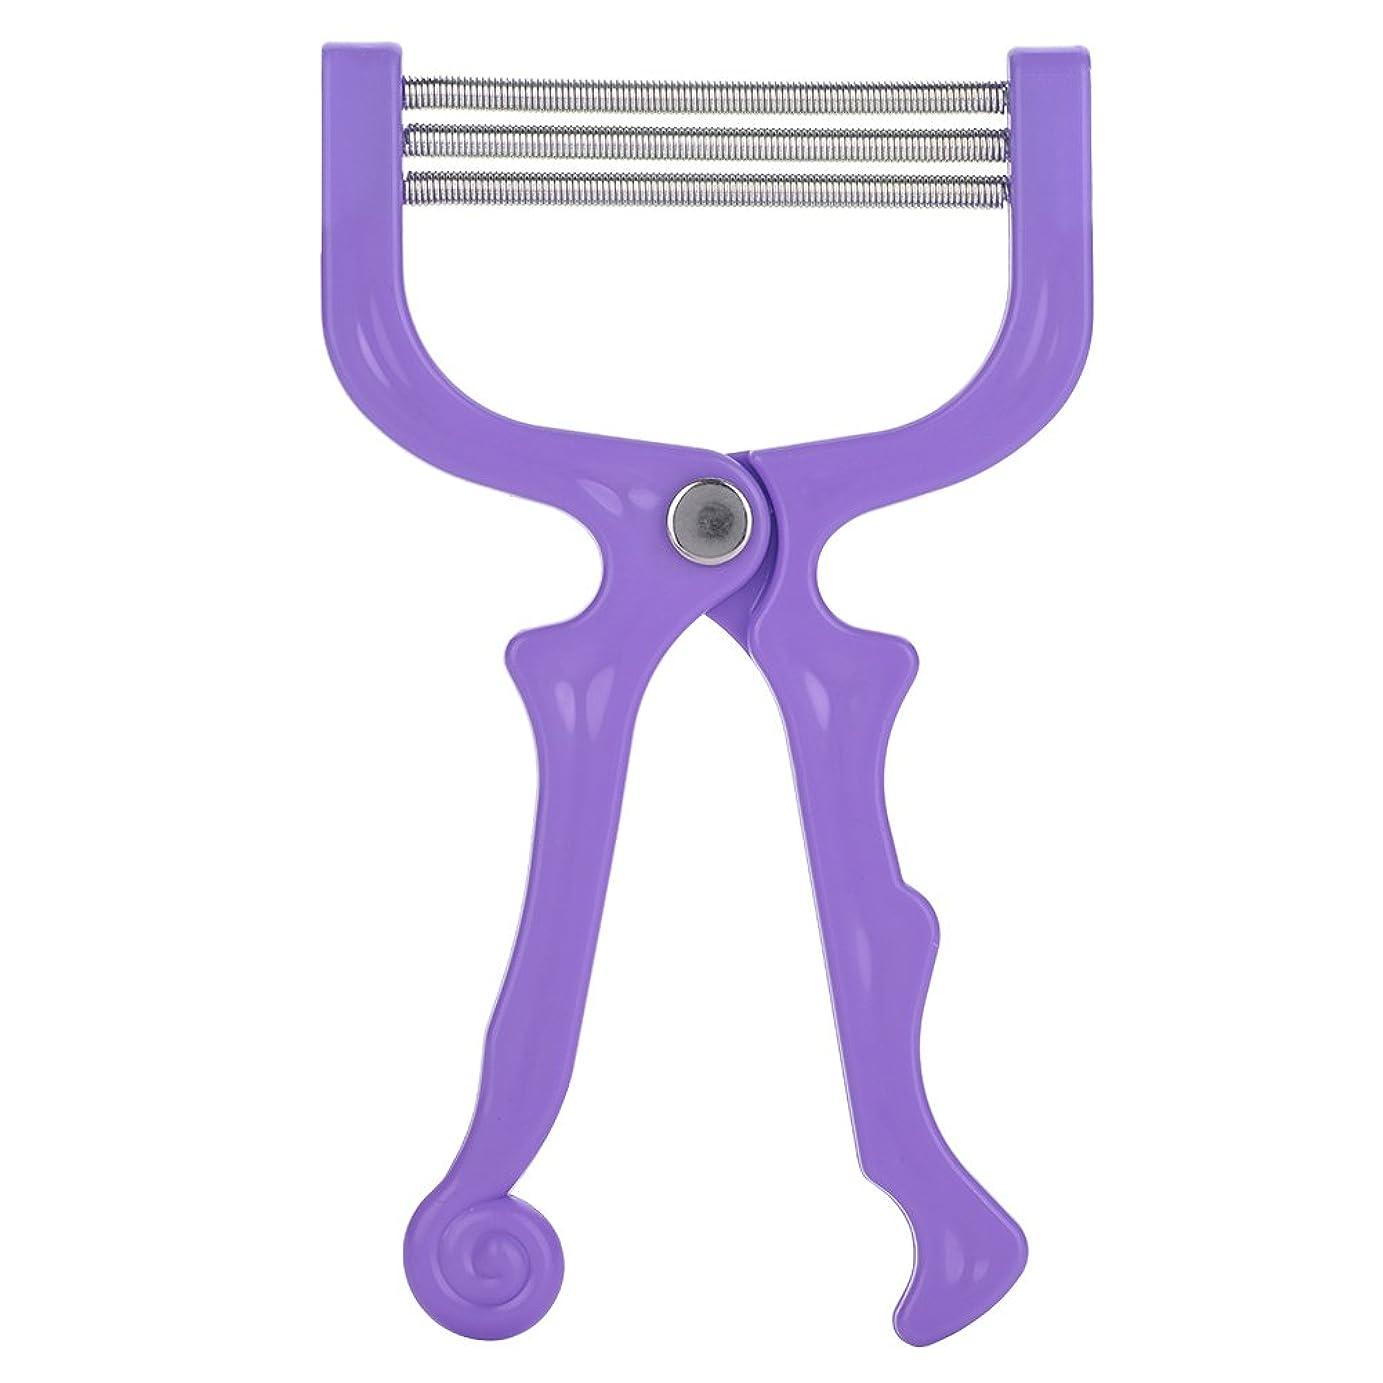 極めて重要なハントステレオタイプSoarUp 除毛 脱毛装置 ポータブル脱毛 痛くない除毛ケア 顔用 口 持ち運び安い(パープル)